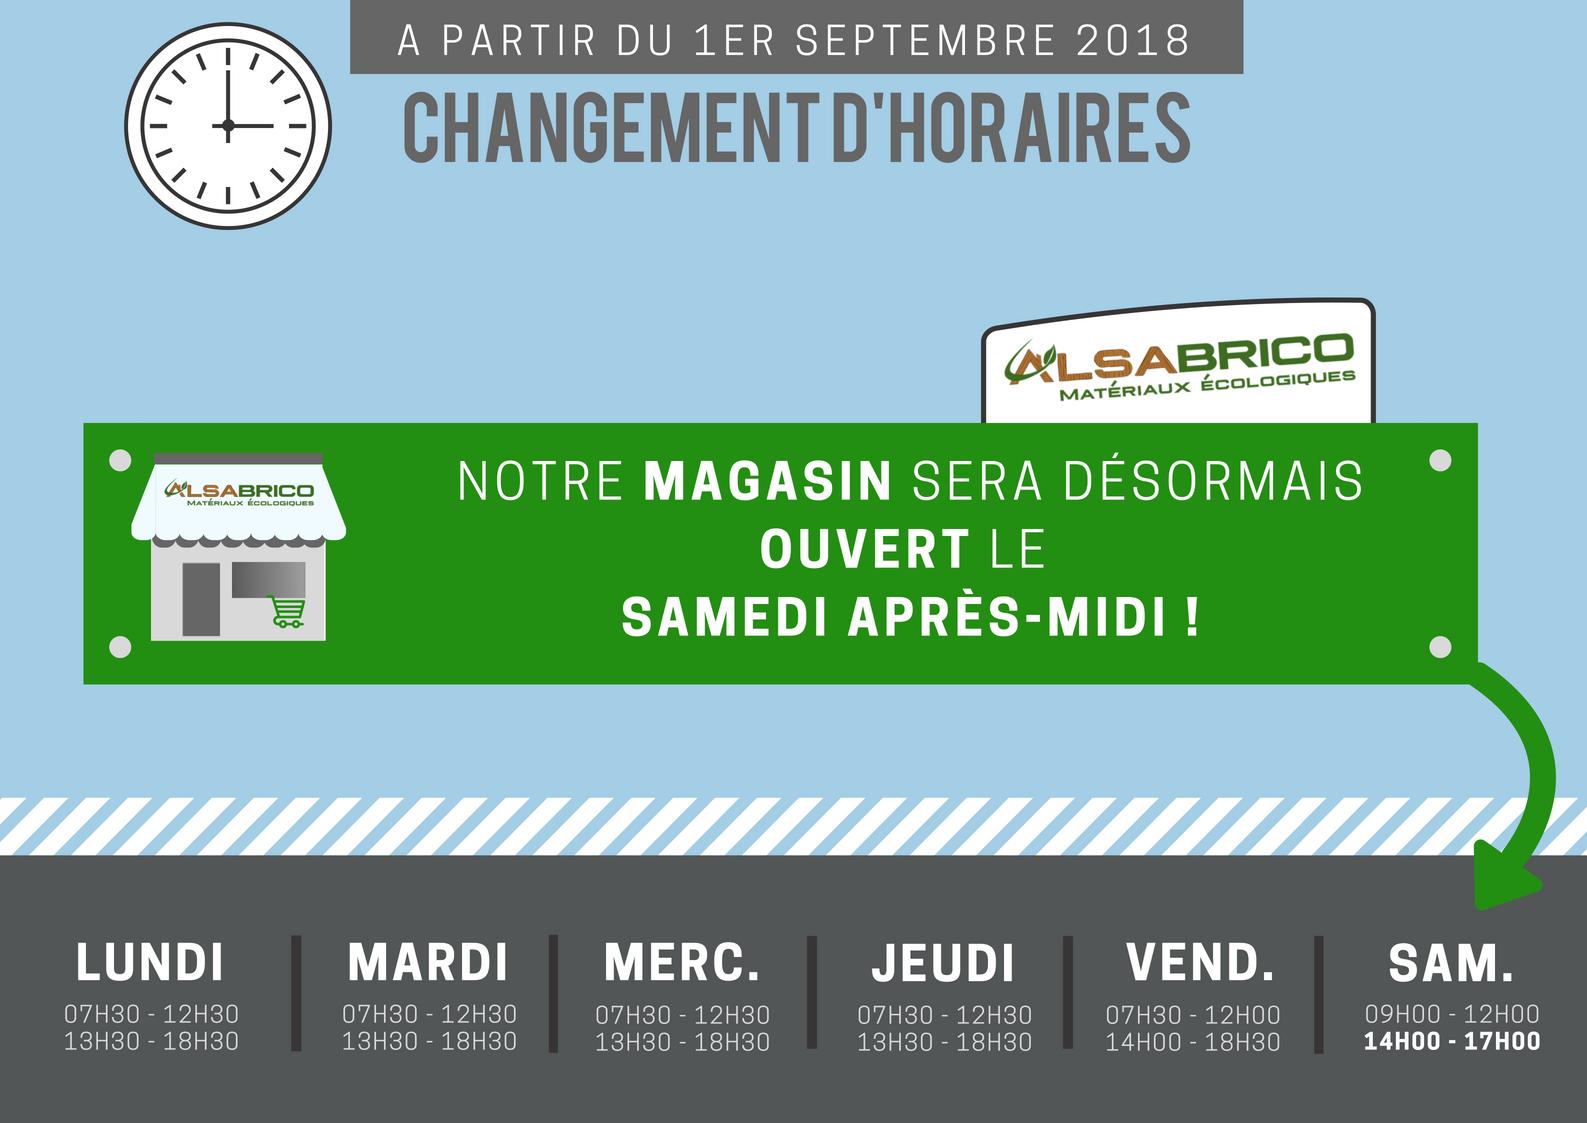 Changement horaires Alsabrico (Rentrée 2018)